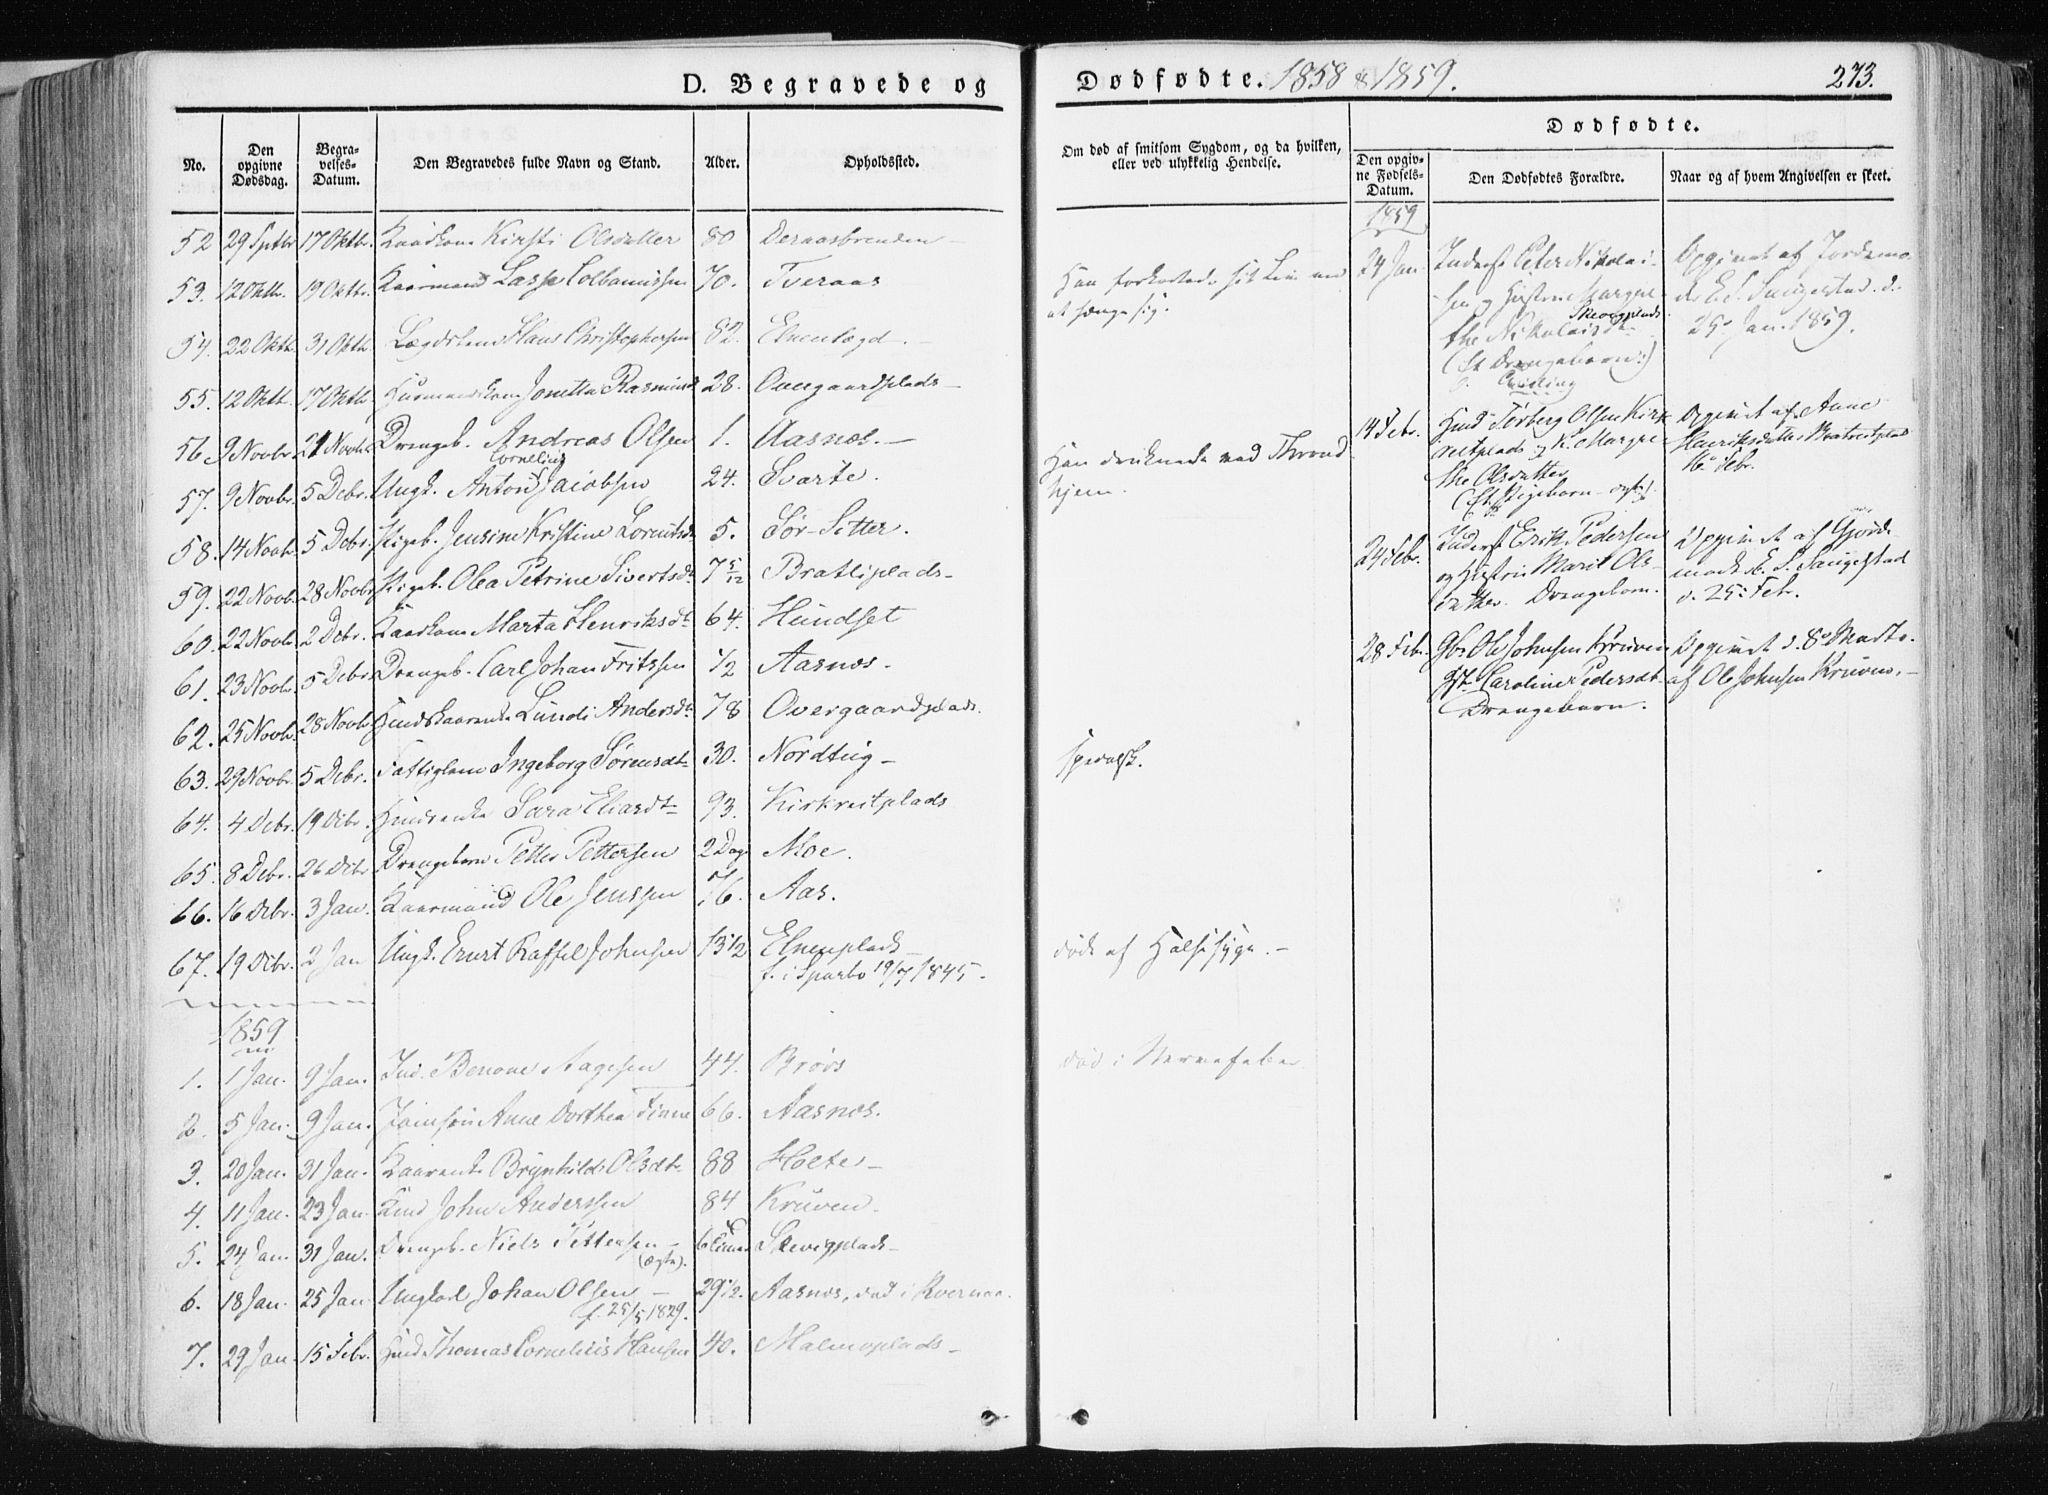 SAT, Ministerialprotokoller, klokkerbøker og fødselsregistre - Nord-Trøndelag, 741/L0393: Ministerialbok nr. 741A07, 1849-1863, s. 273